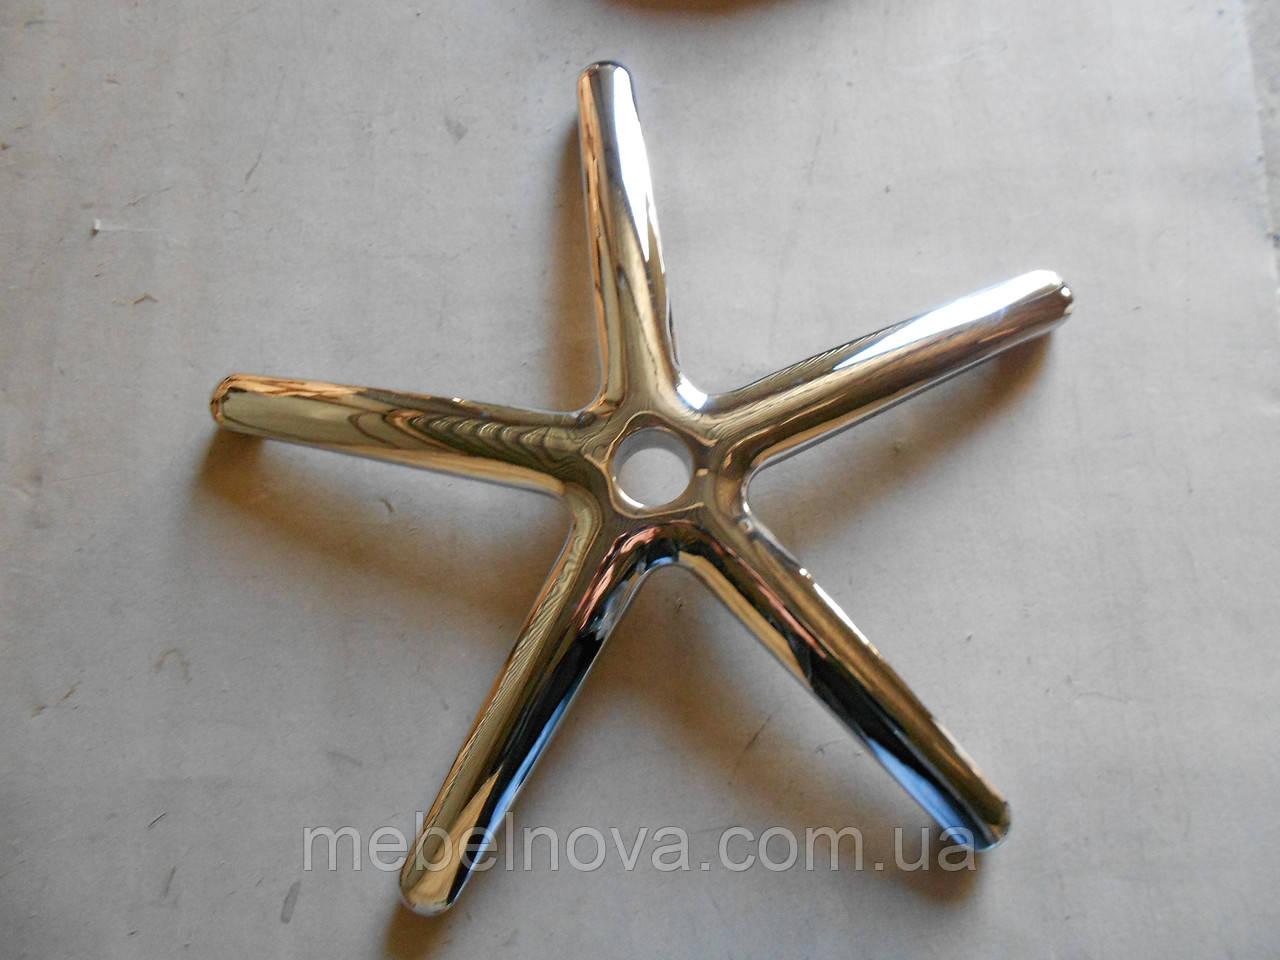 Крестовины металлические хромированные алюминиевые для офисных парикмахерских кресел стульев